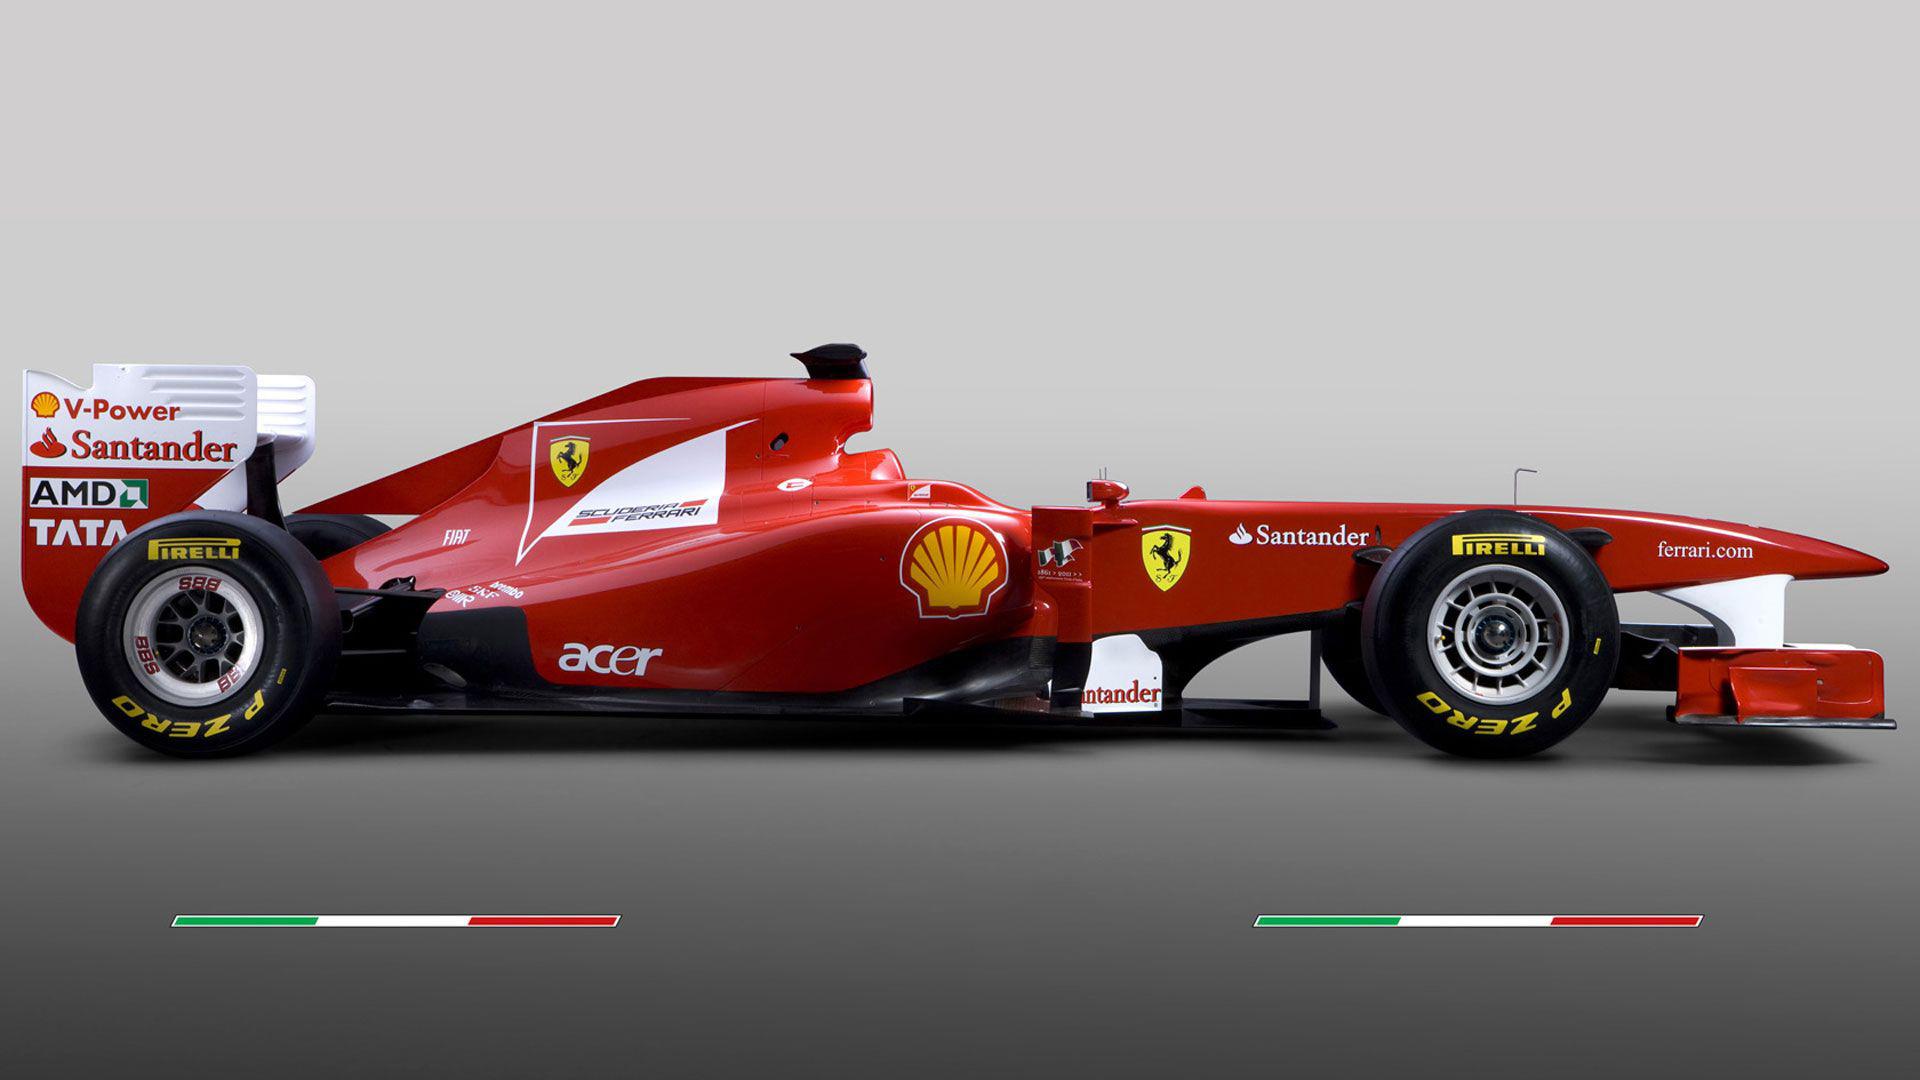 F1 Backgrounds Hd Pixelstalk Net